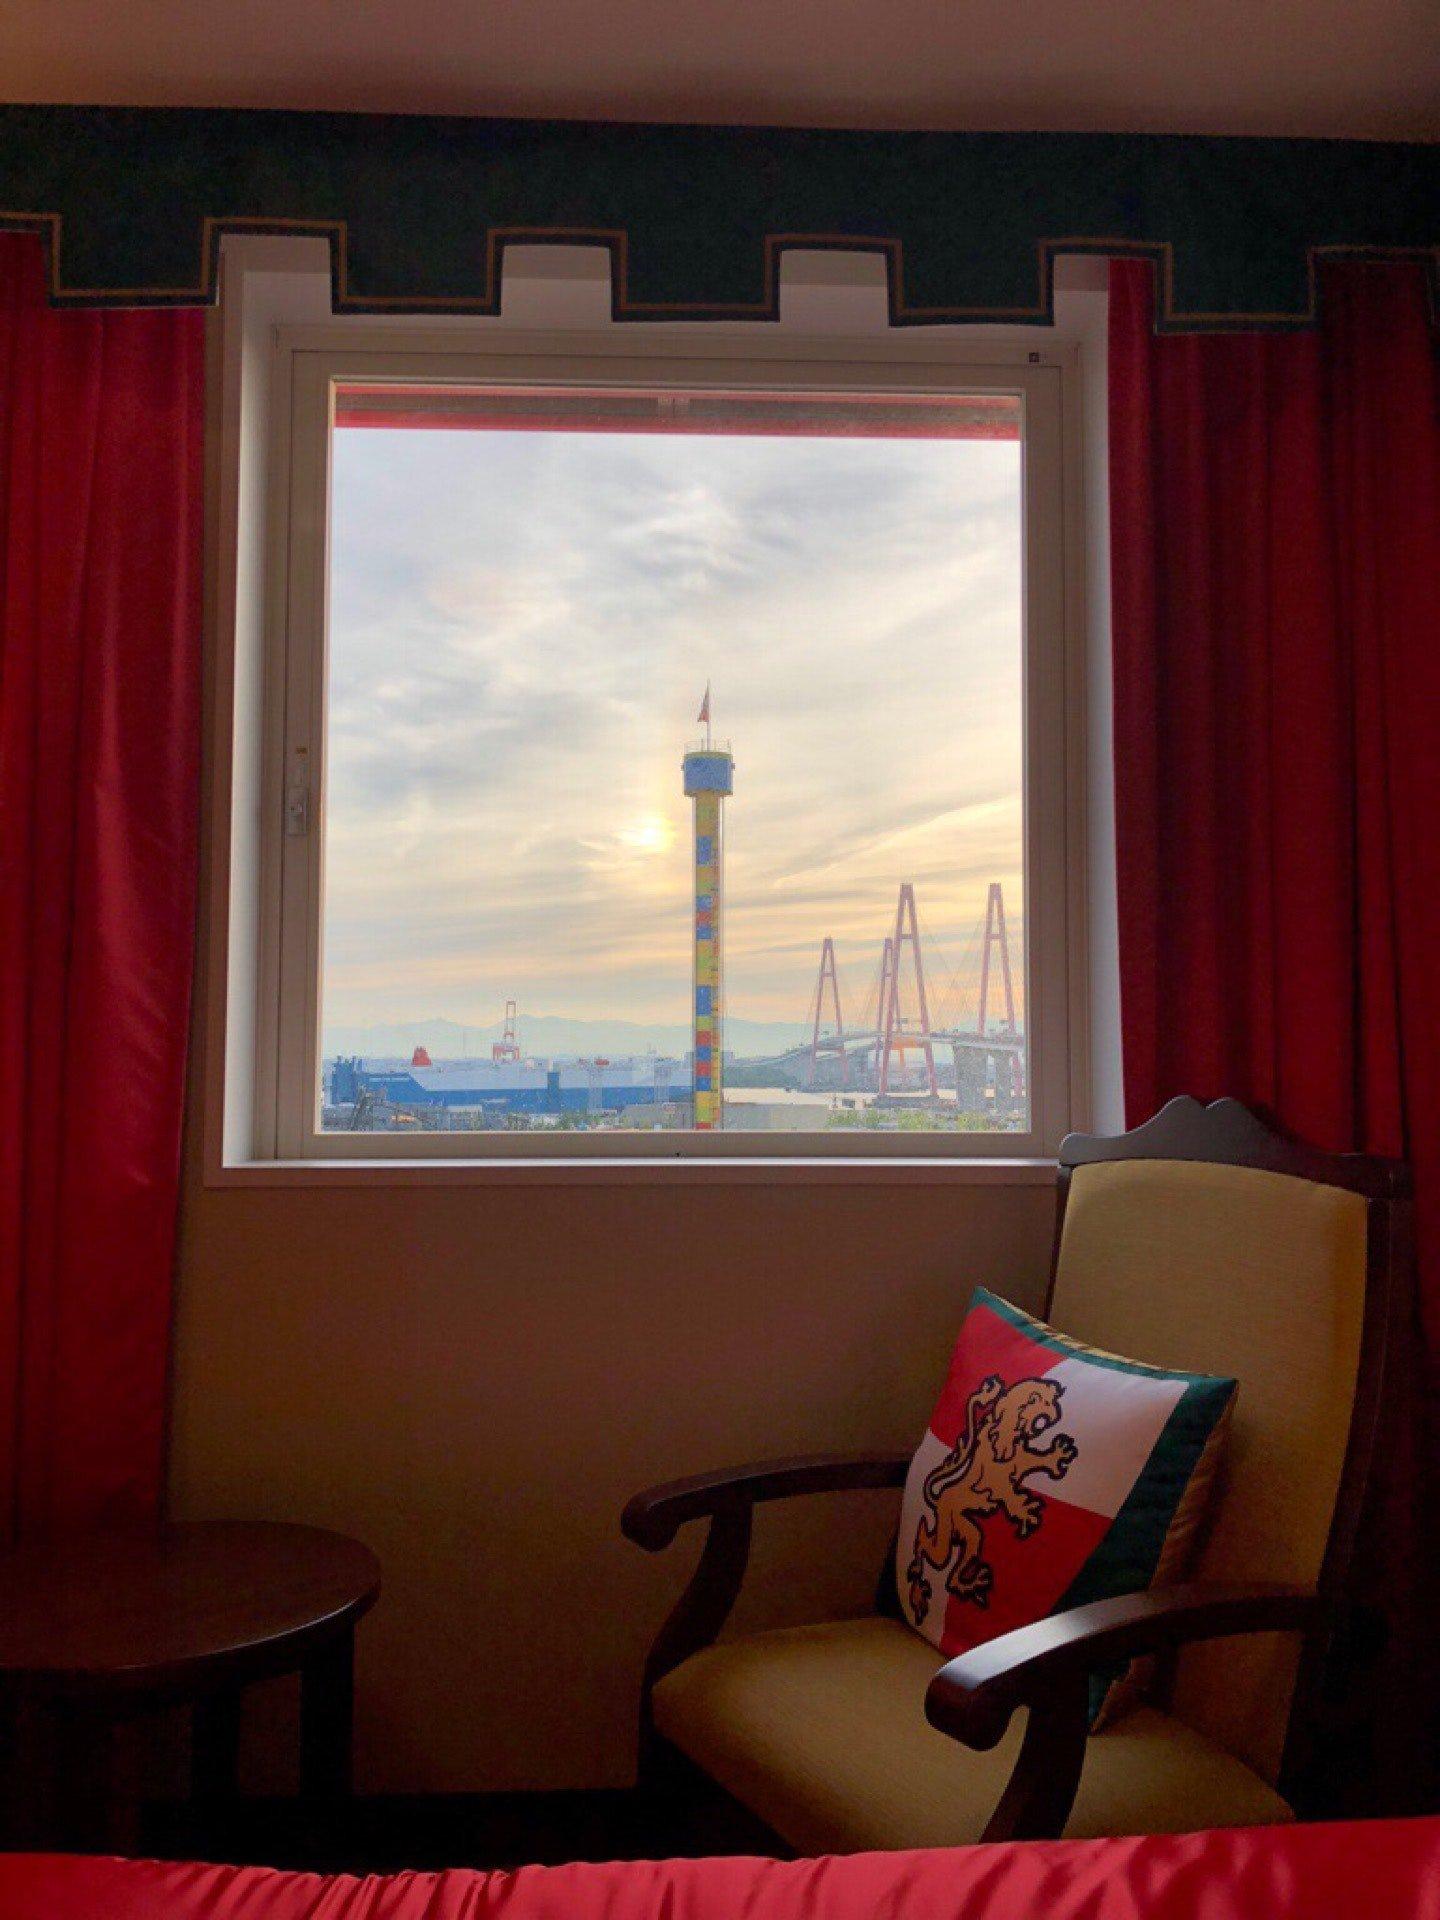 部屋の窓からオブザーベーションタワーが見える。 (@ レゴランド・ジャパン・ホテル in 名古屋市港区, 愛知県) https://t.co/v0DfJkAMxX https://t.co/xqq3QO6fBT